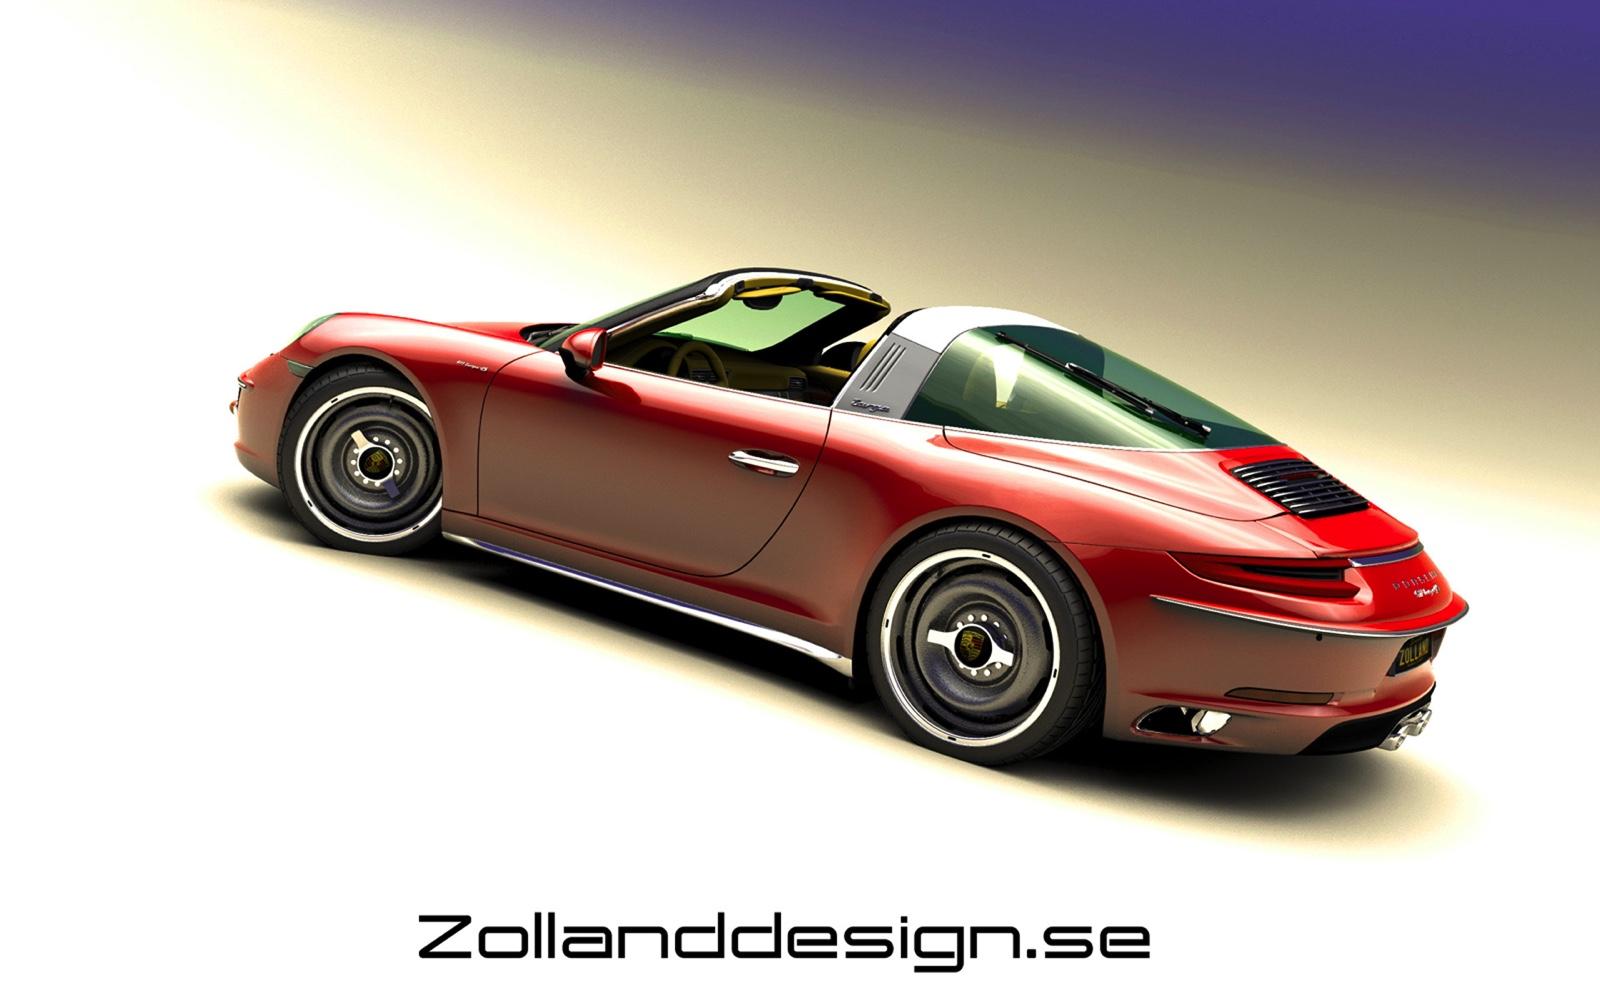 Zolland Design Porsche 911 -7- Autovisie.nl